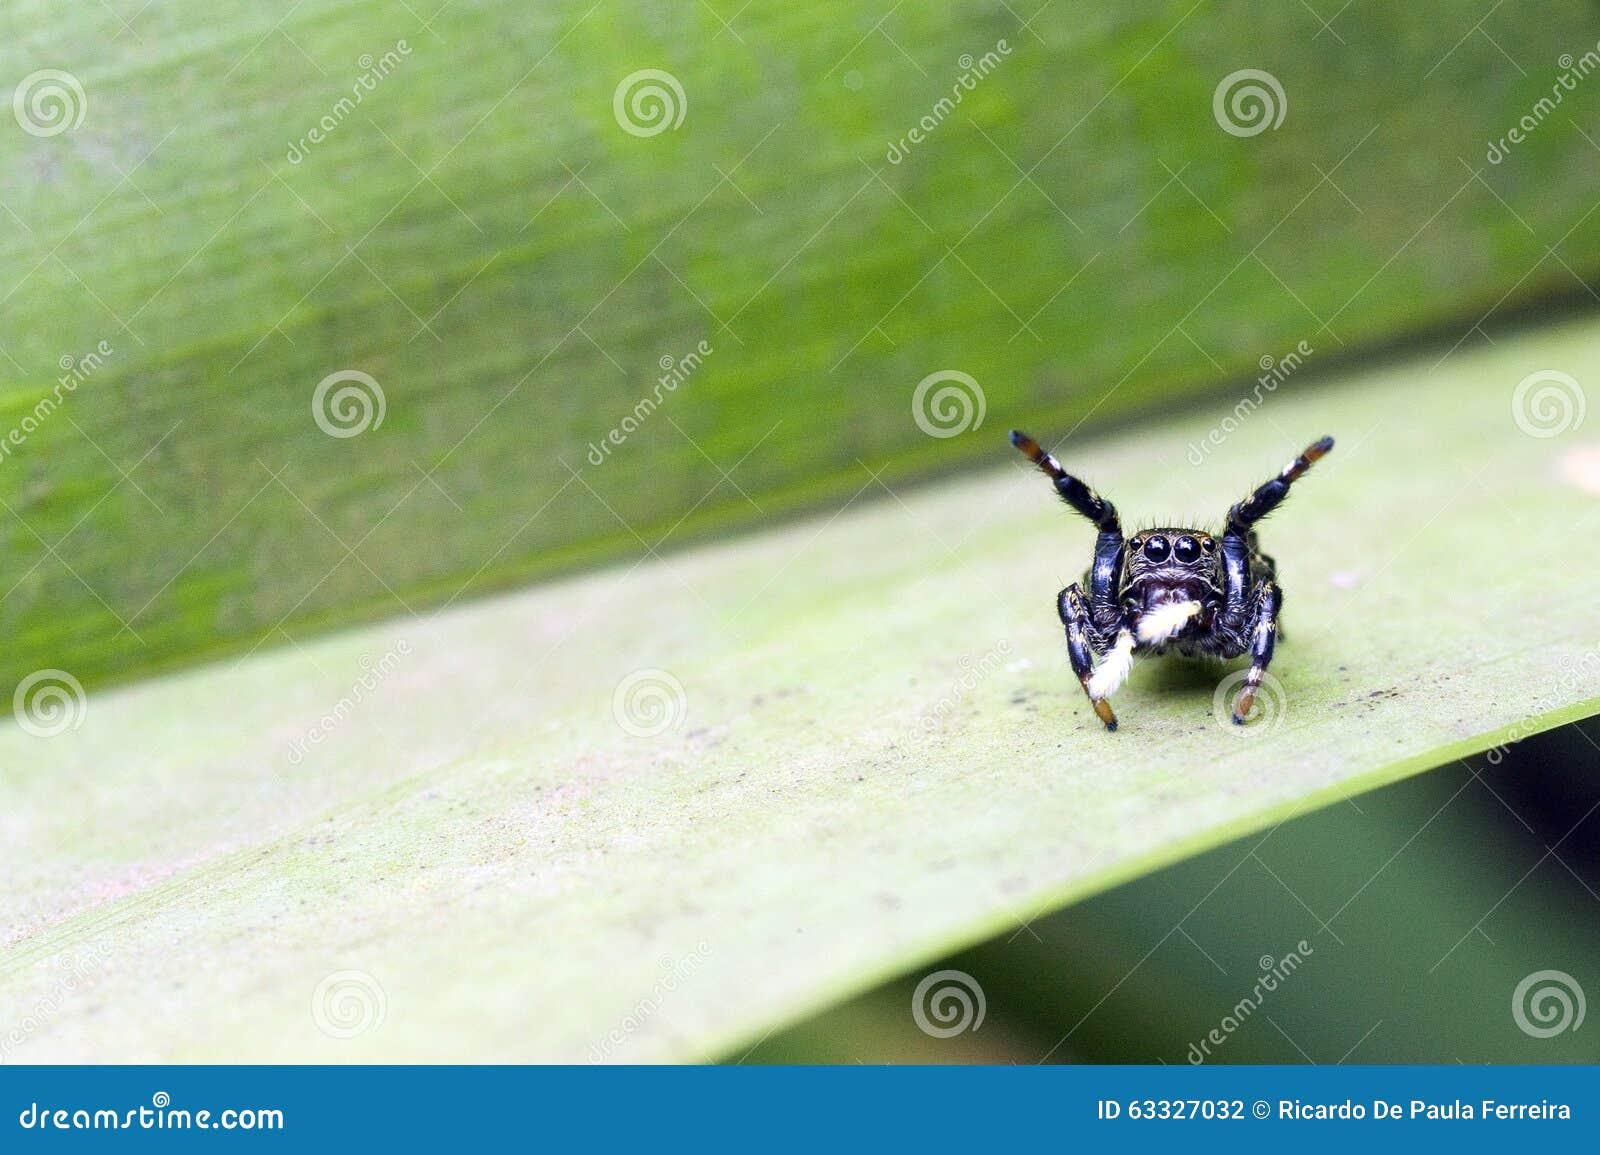 Especie de salto del arácnido de la araña de familia de Salticidae